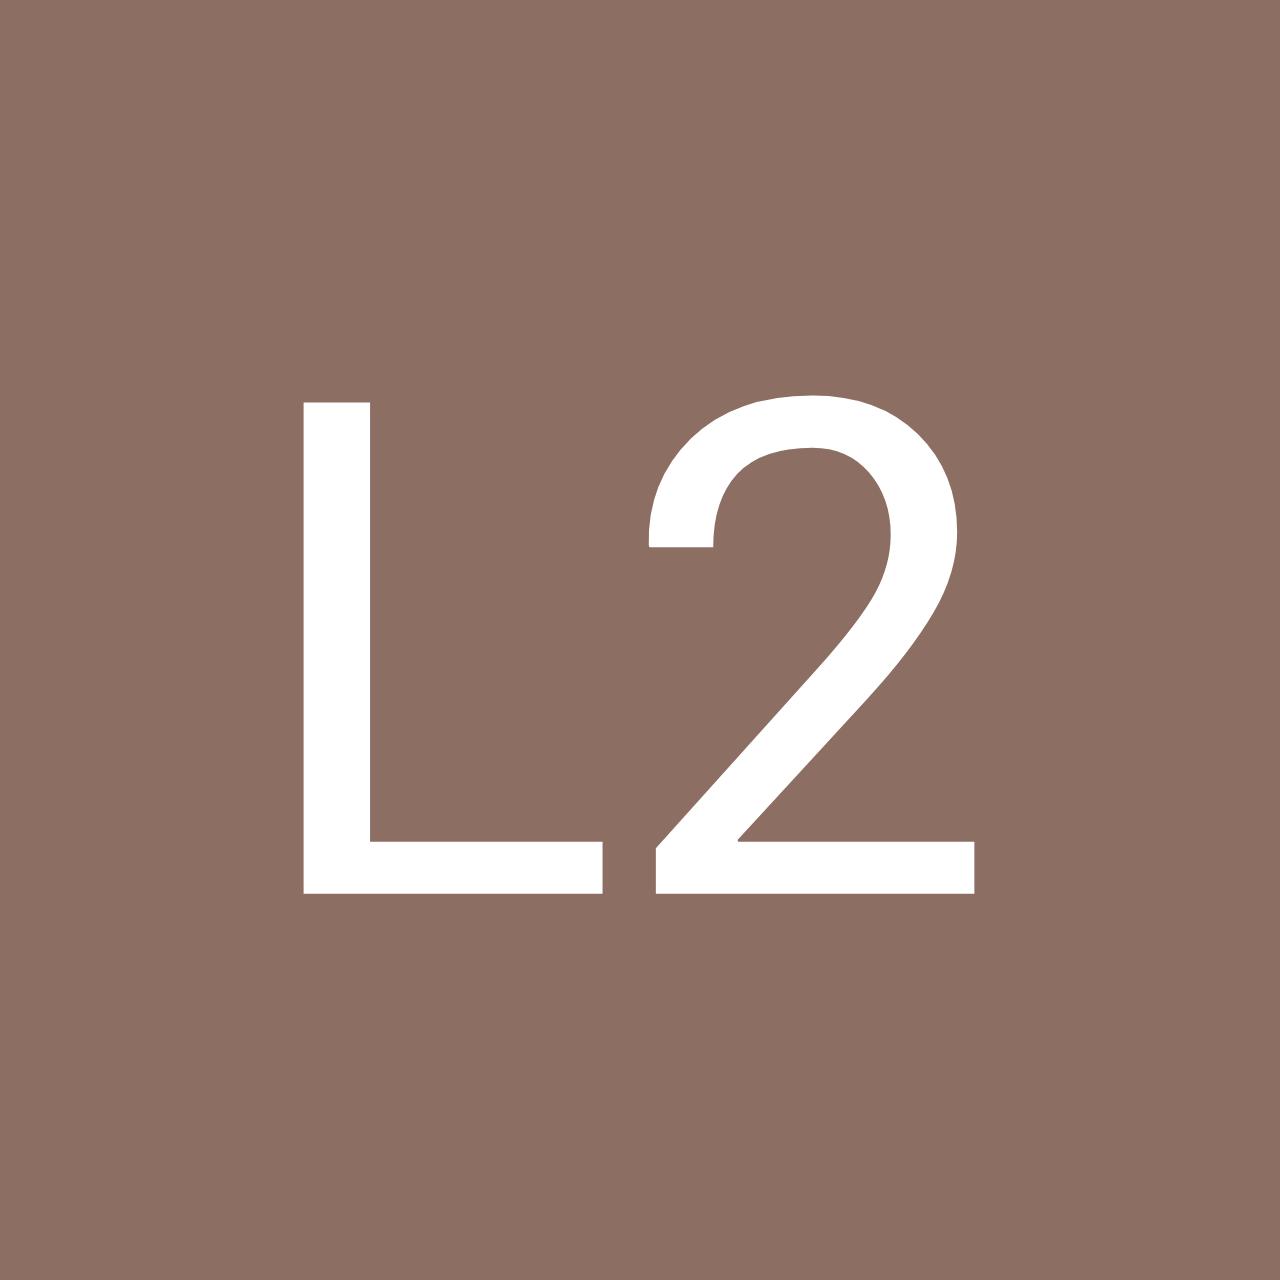 L2 CrankZ